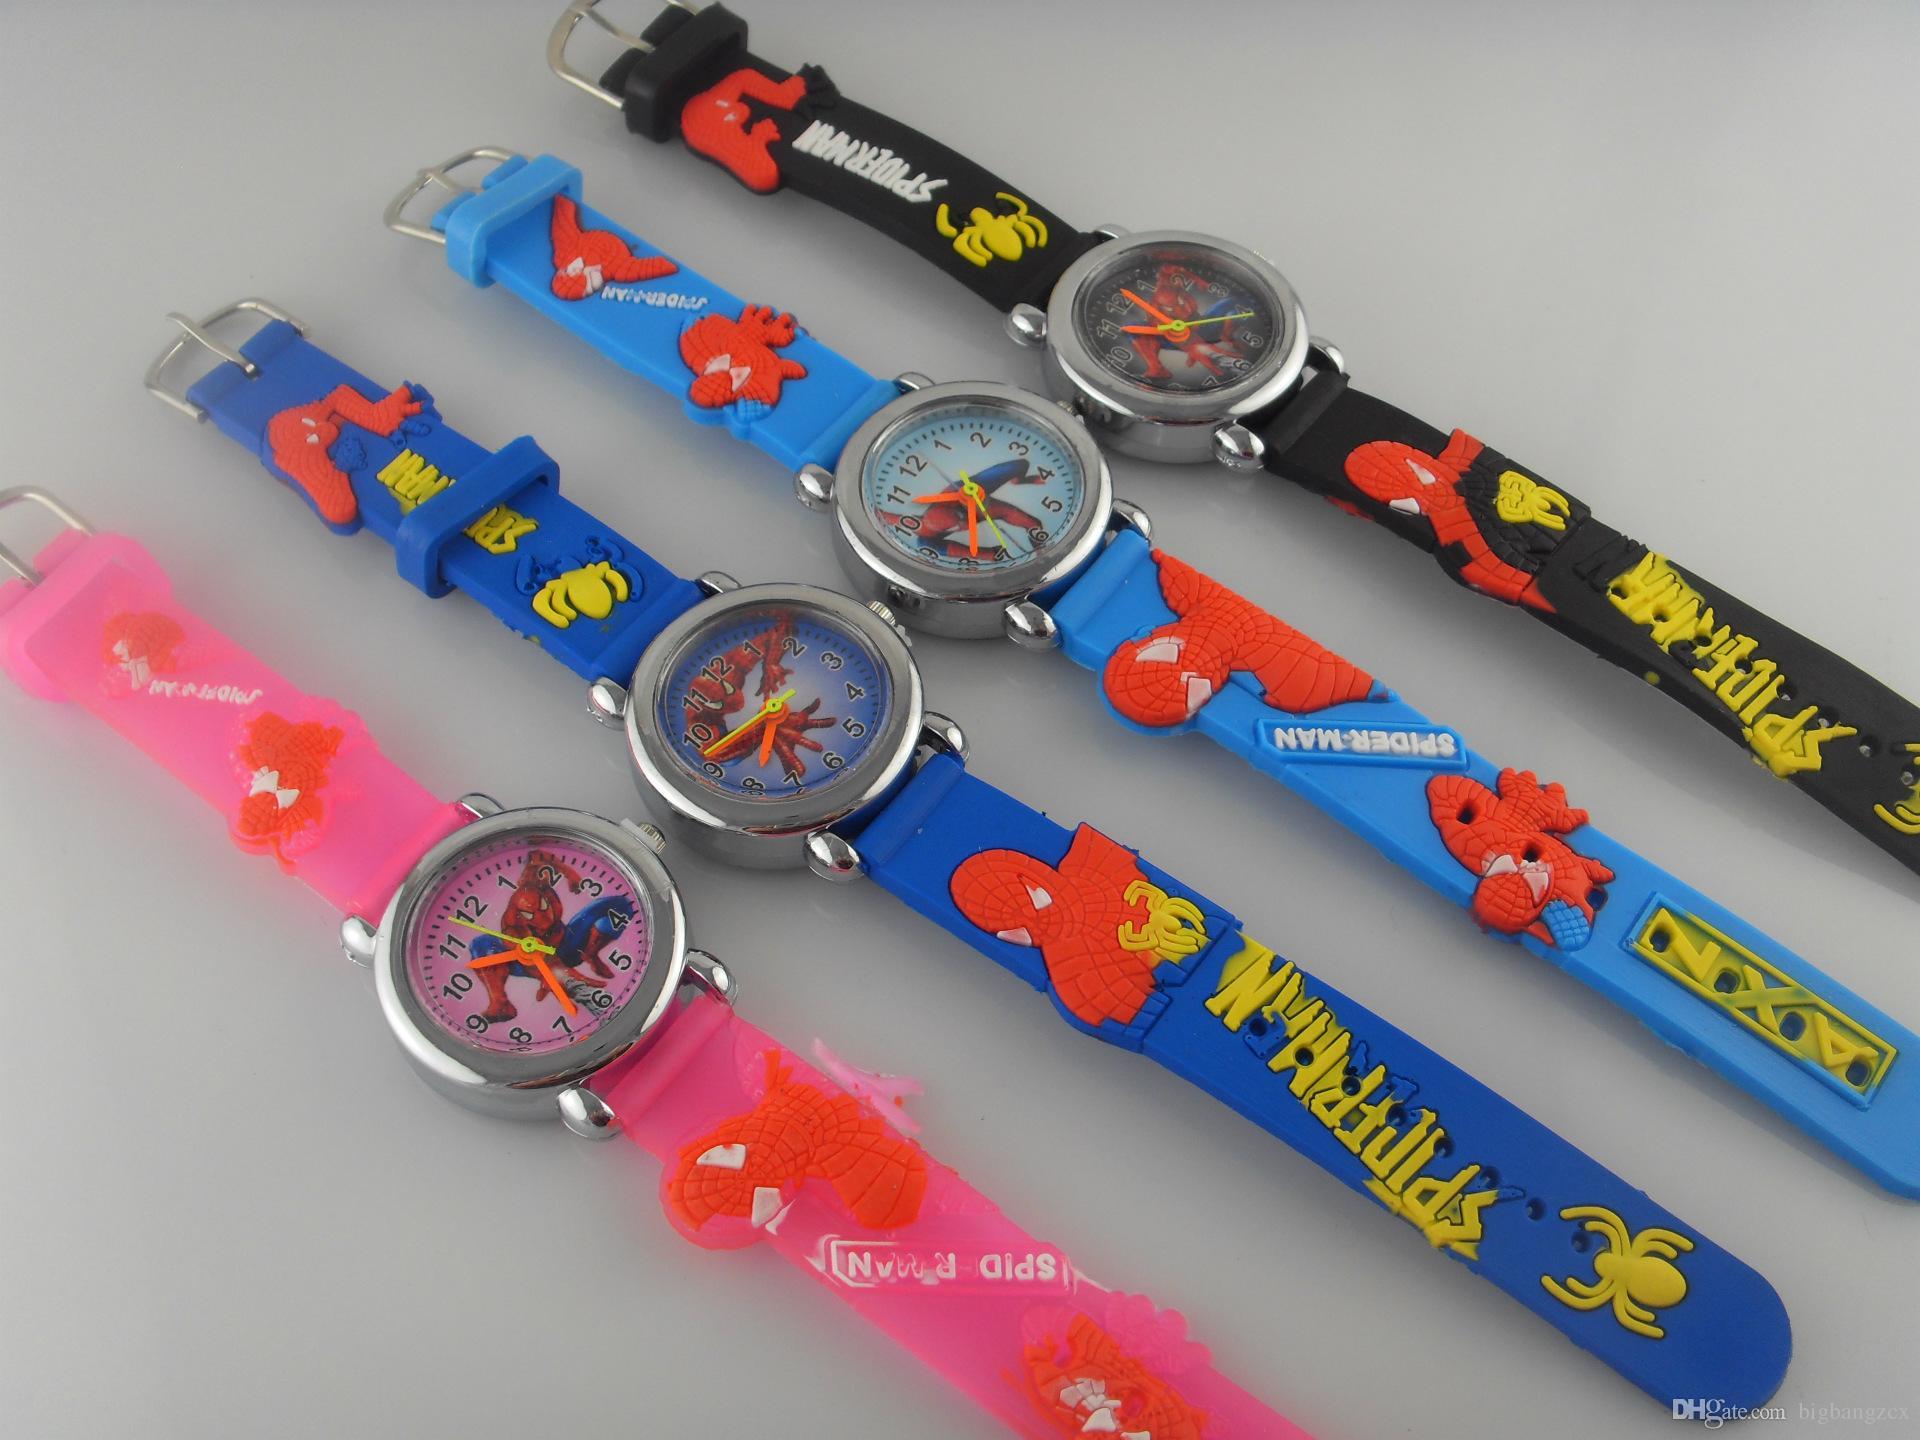 3D Dos Desenhos Animados Doces Bonito Spiderman assistir Adorável Crianças Meninas Meninos Crianças Estudantes de Quartzo Relógio de Pulso borboleta golfinho Carro Princesa relógios.